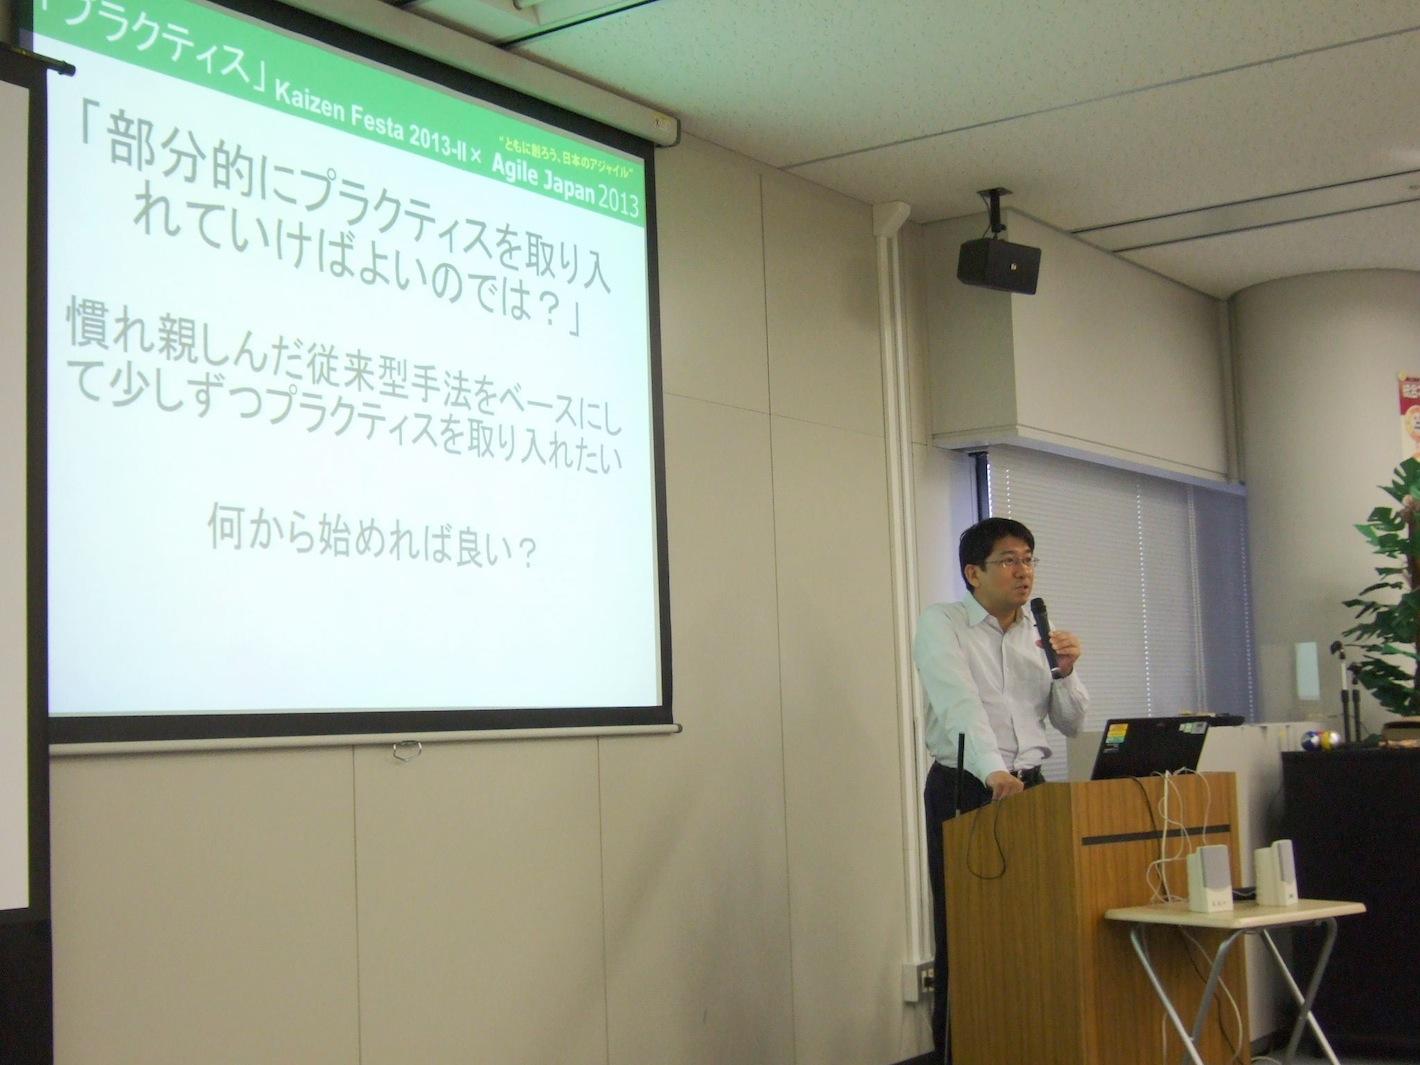 agilejapanカイゼンフェスタ_和田さんの発表